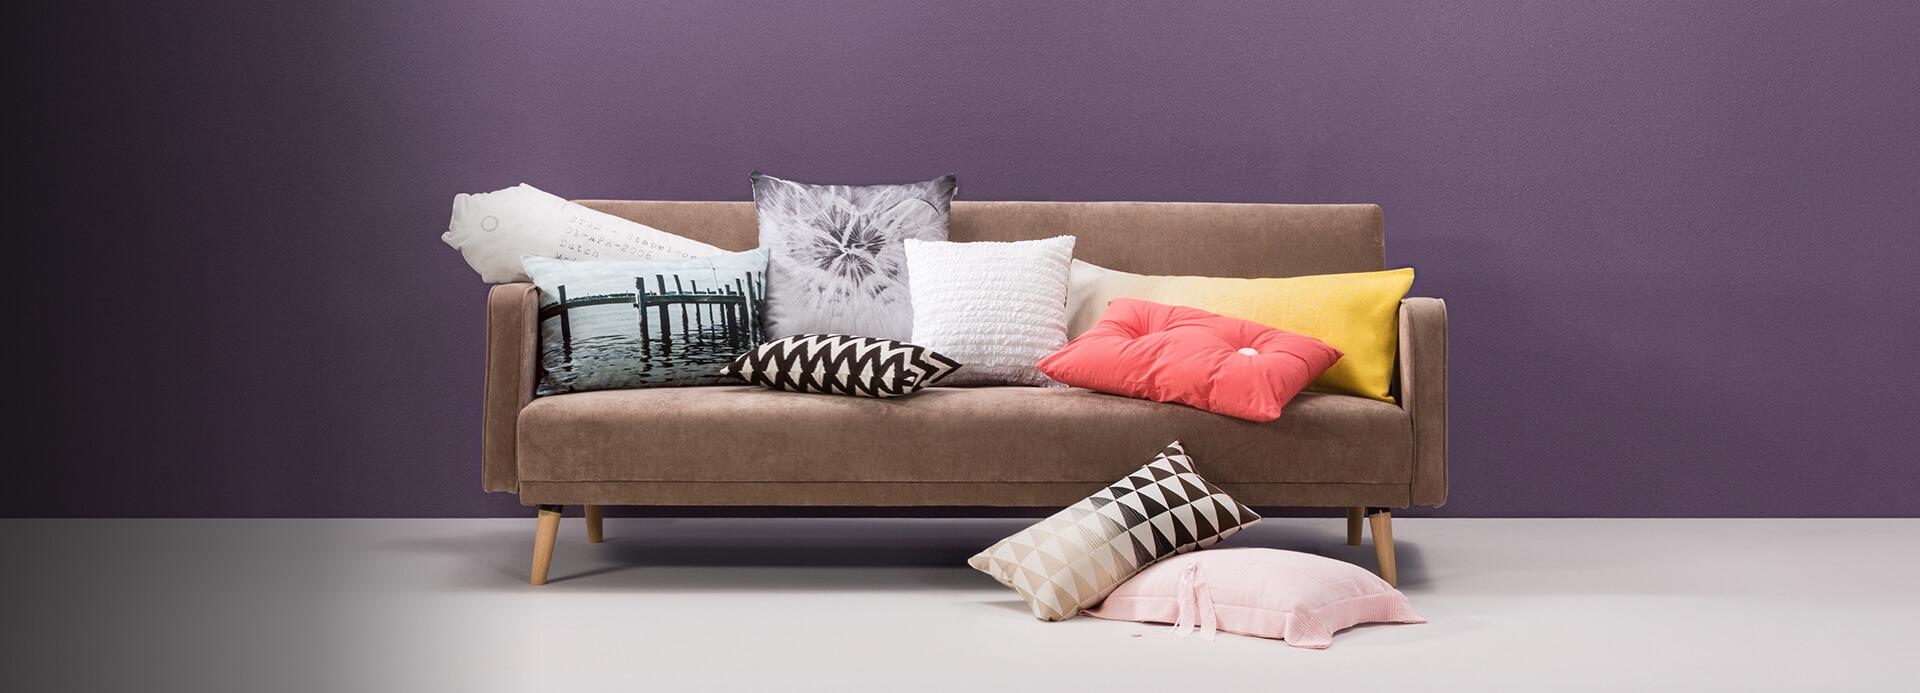 Amazon Sofas & Couches Home & Kitchen Sofas & More